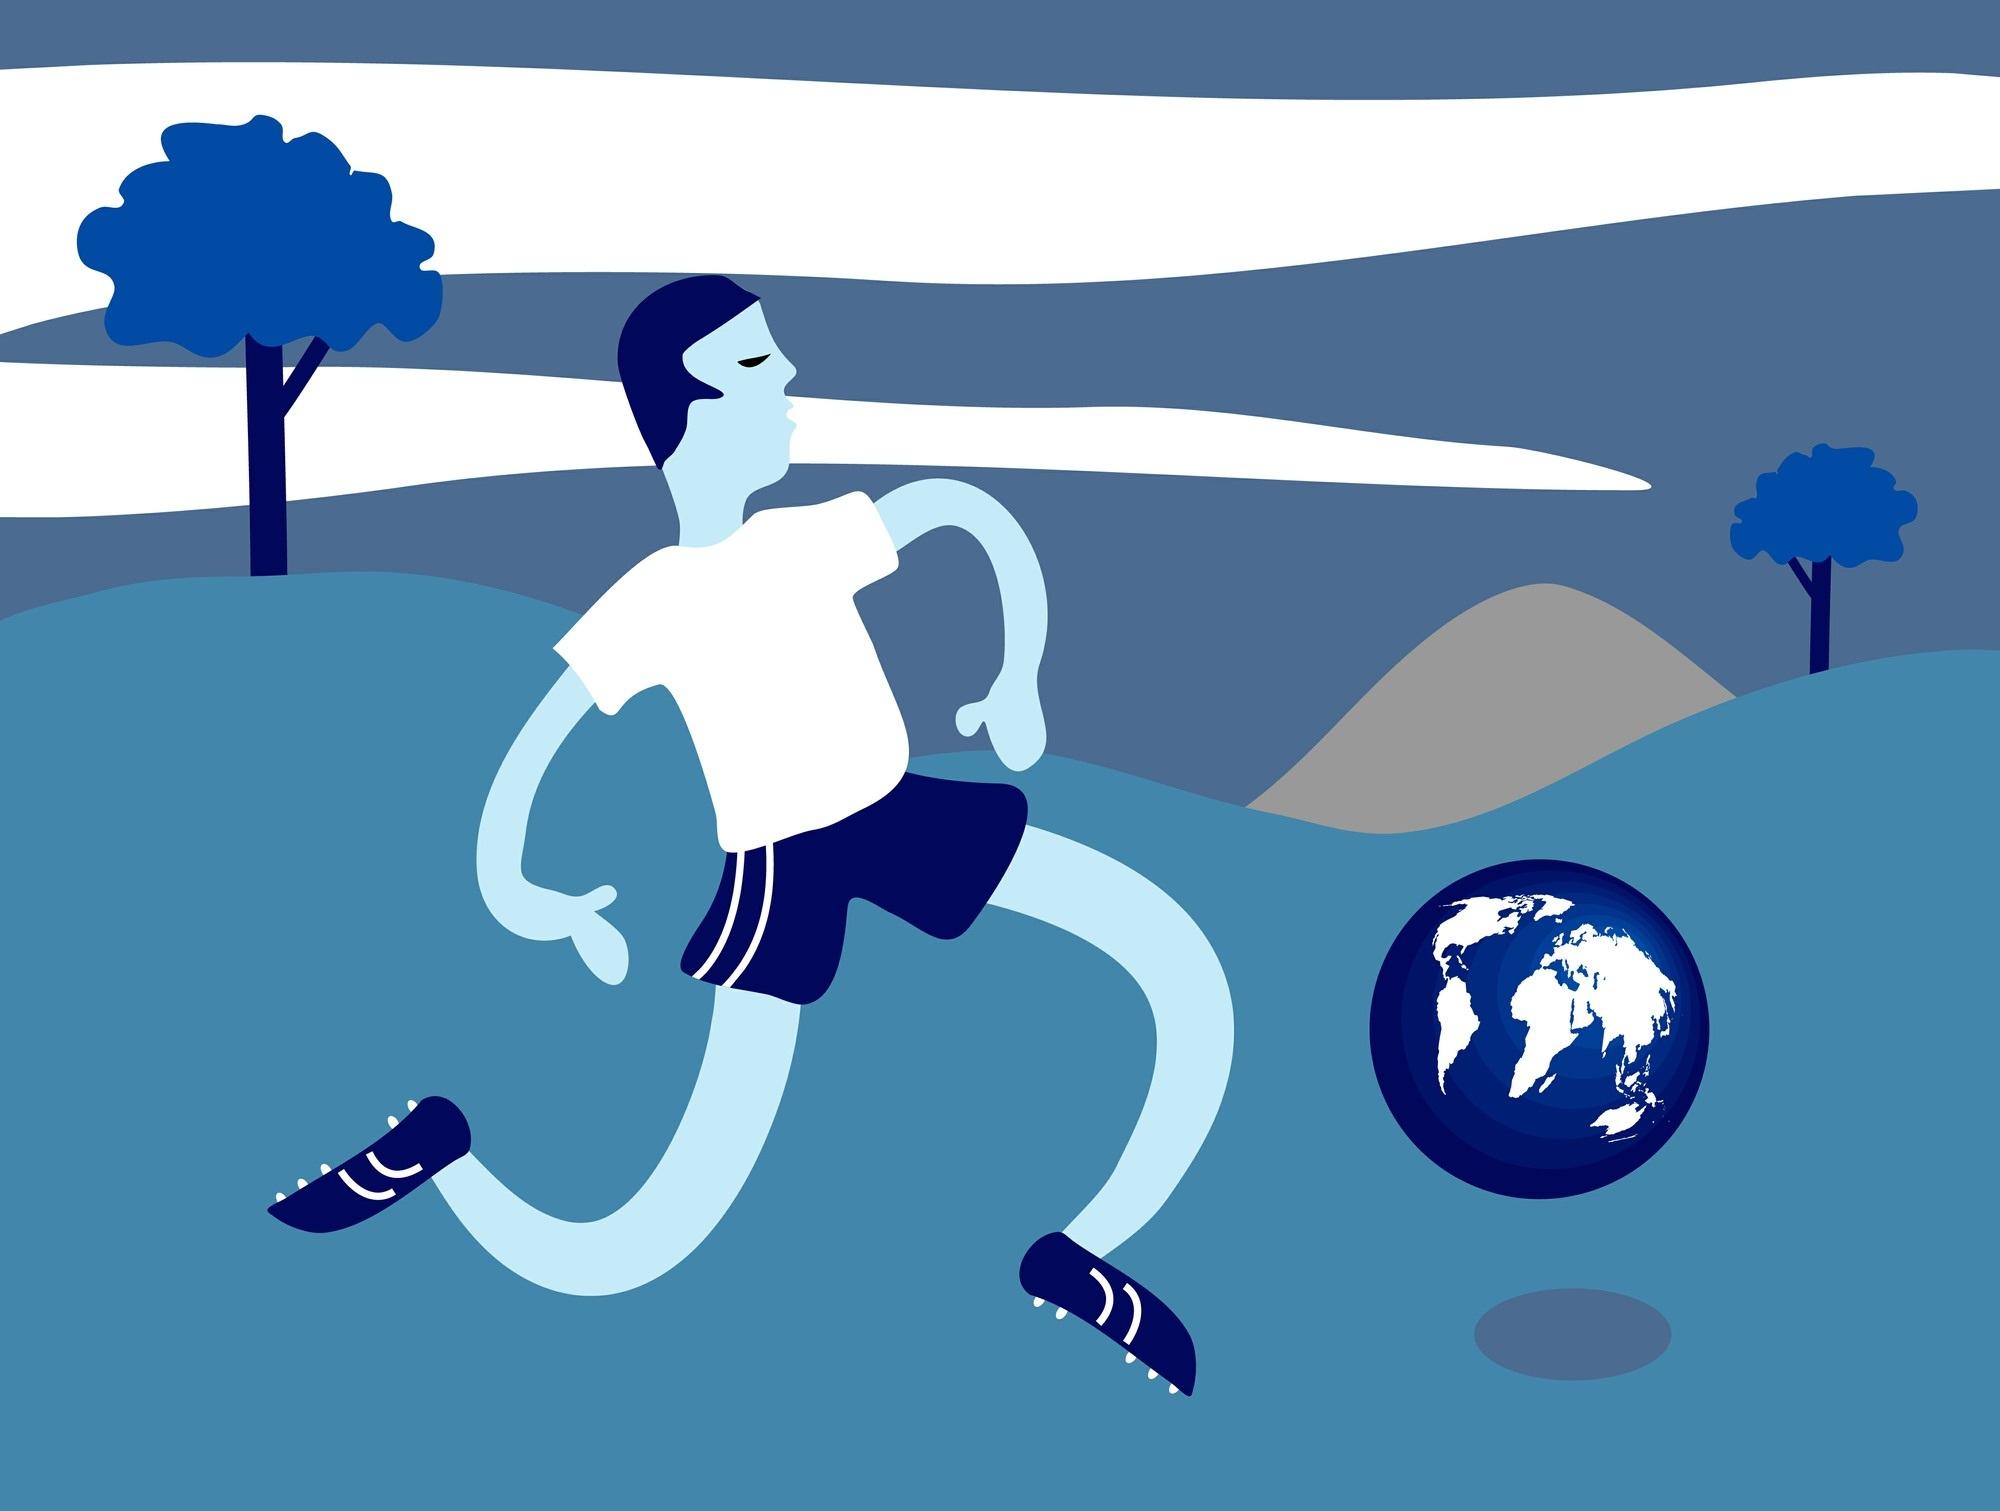 homme, Football, Terre, ballon, jeu - Fonds d'écran HD - Professor-falken.com